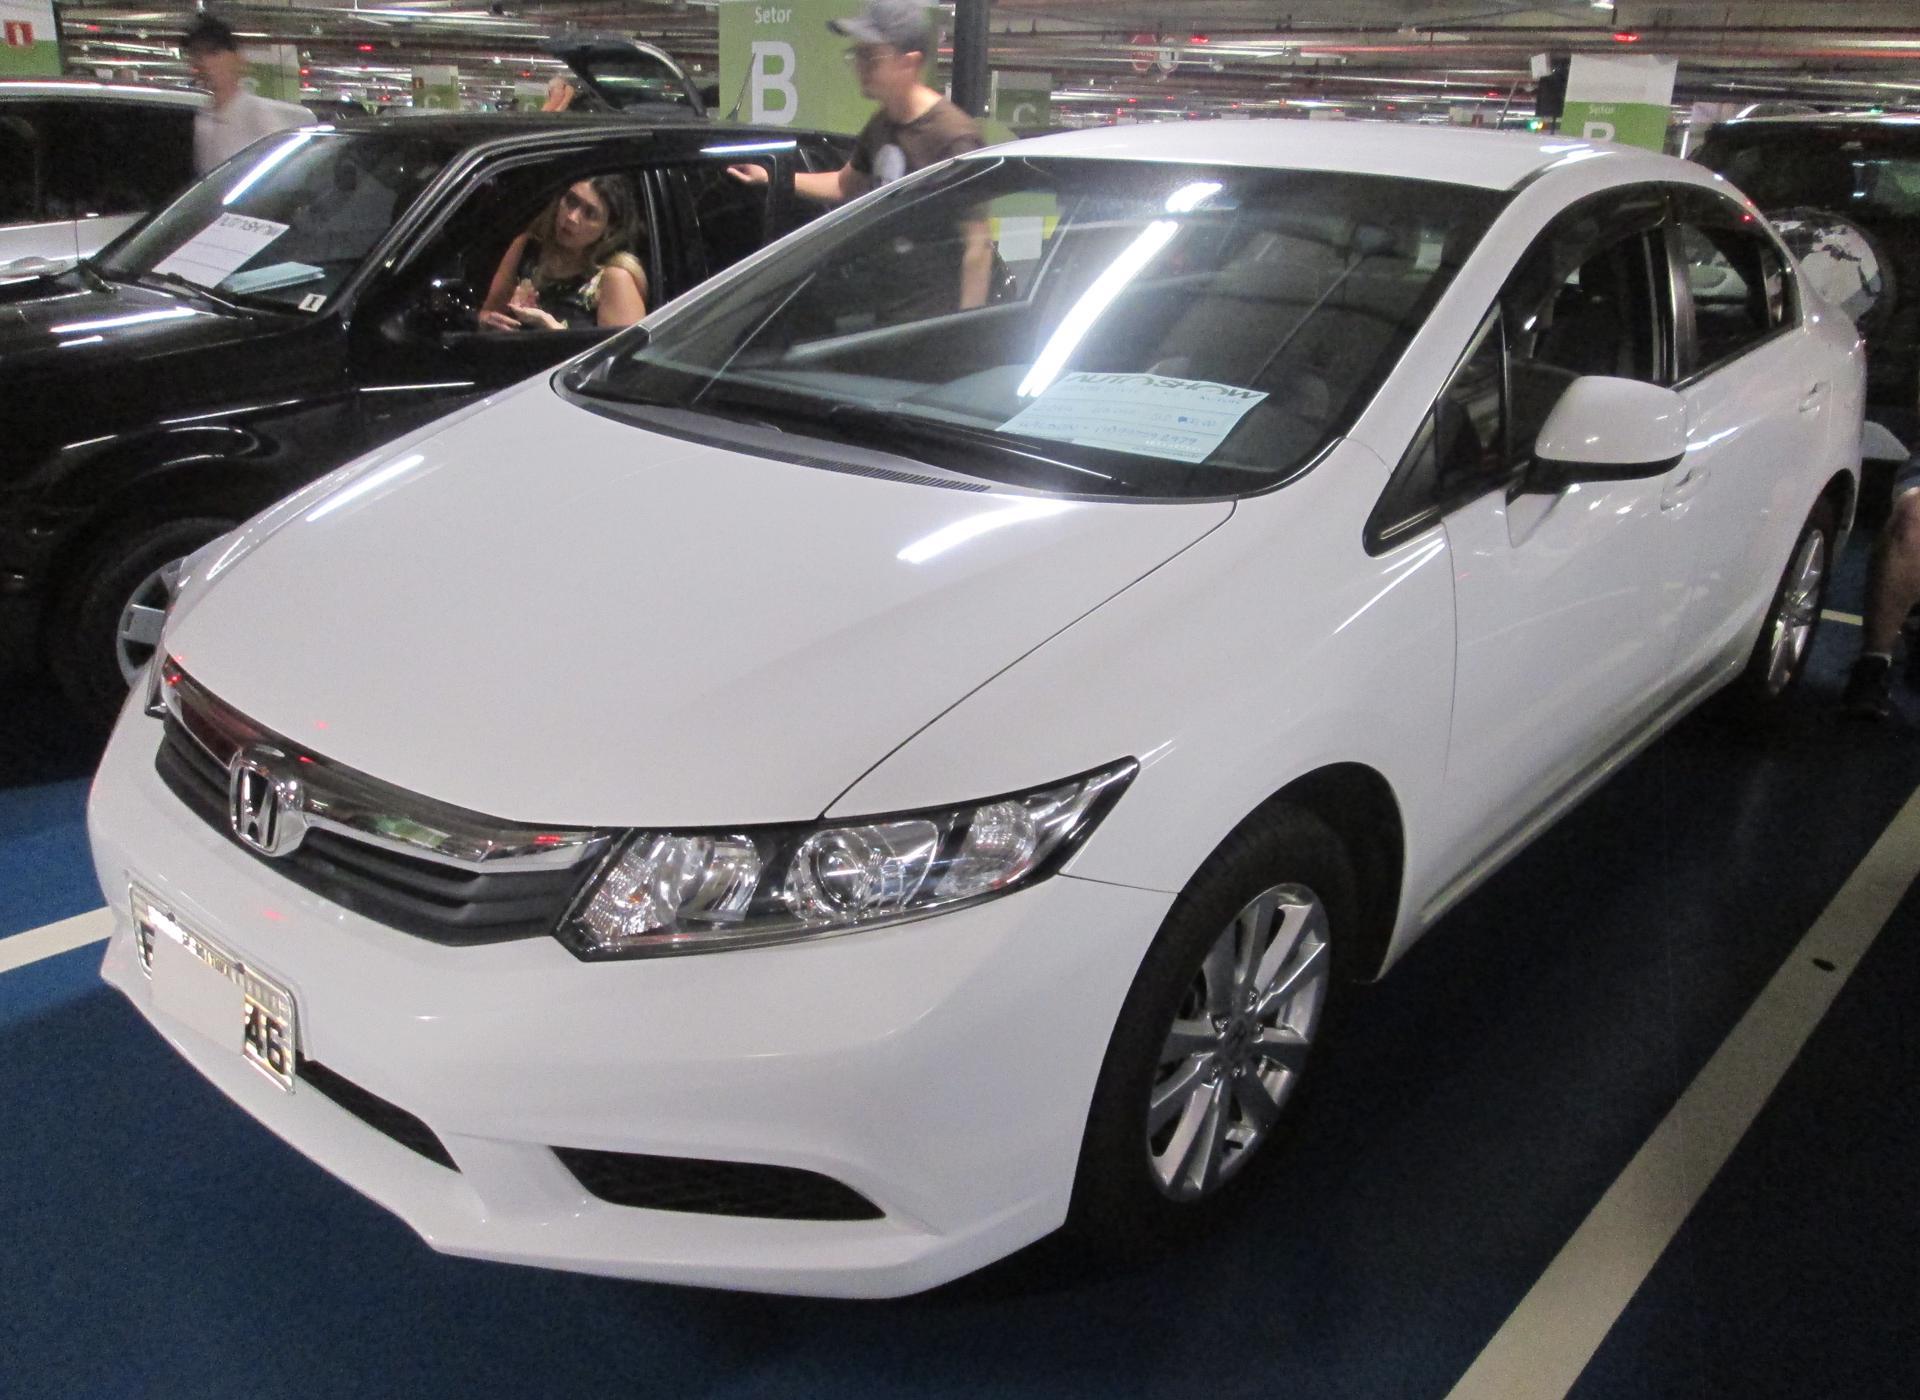 Feirão Auto Show Shopping ABC - HONDA CIVIC SEDAN LXS 1.8/1.8 FLEX 16V AUT. 4P 2014-2014